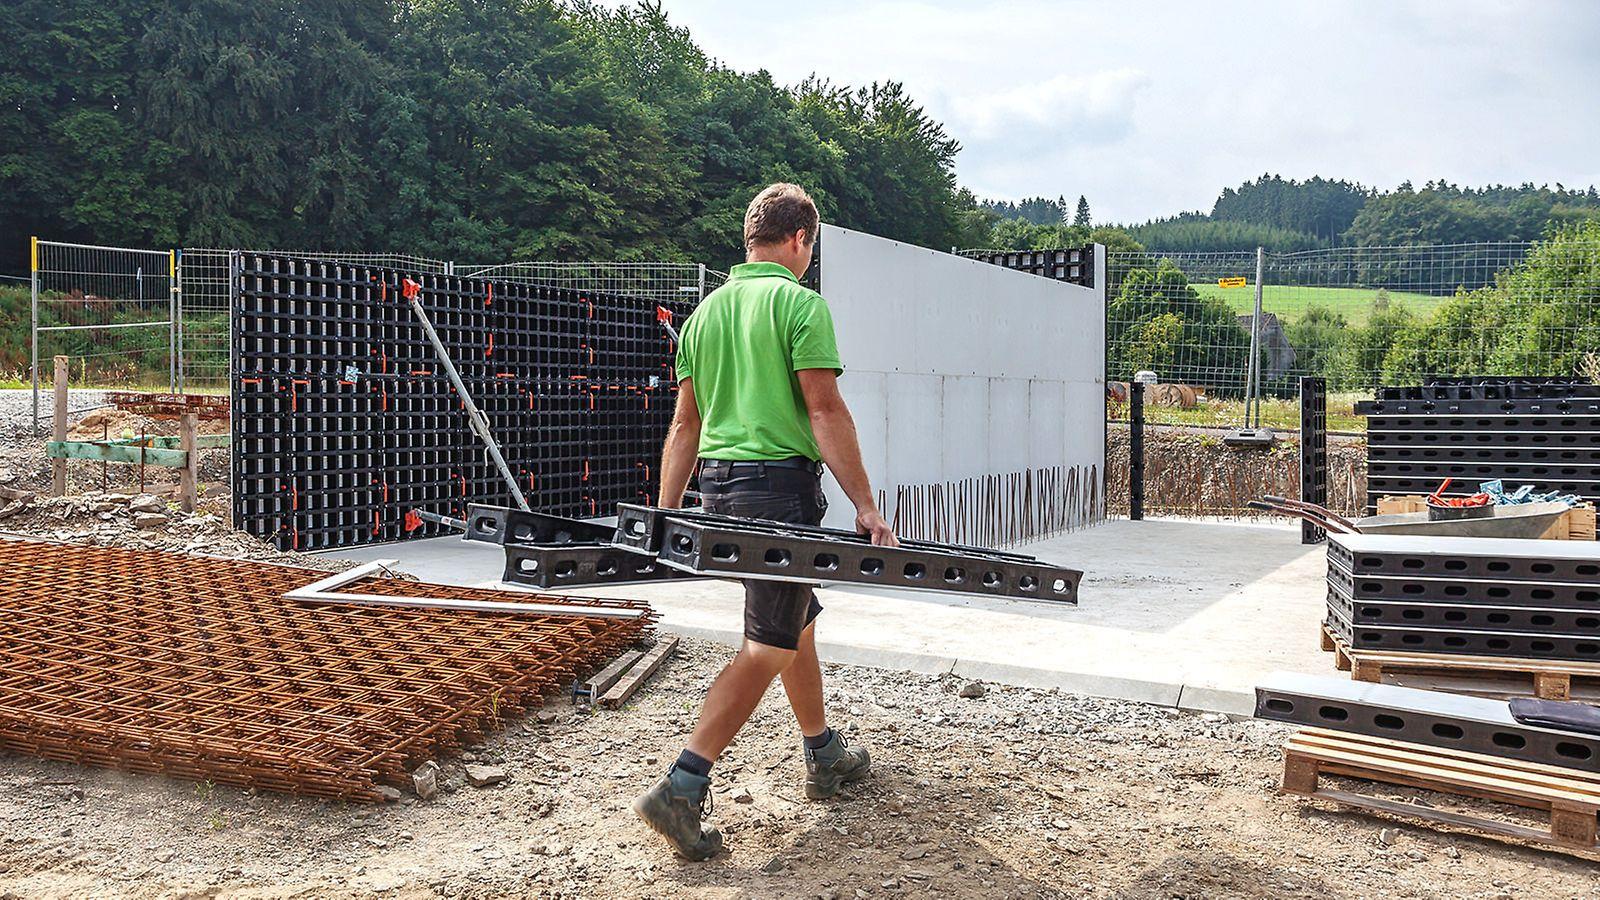 Einsatz der DUO Leichtschalung im Landschaftsbau. Schüttgutlager Schlieper Kamp, Wipperfürth-Niederklüppelberg